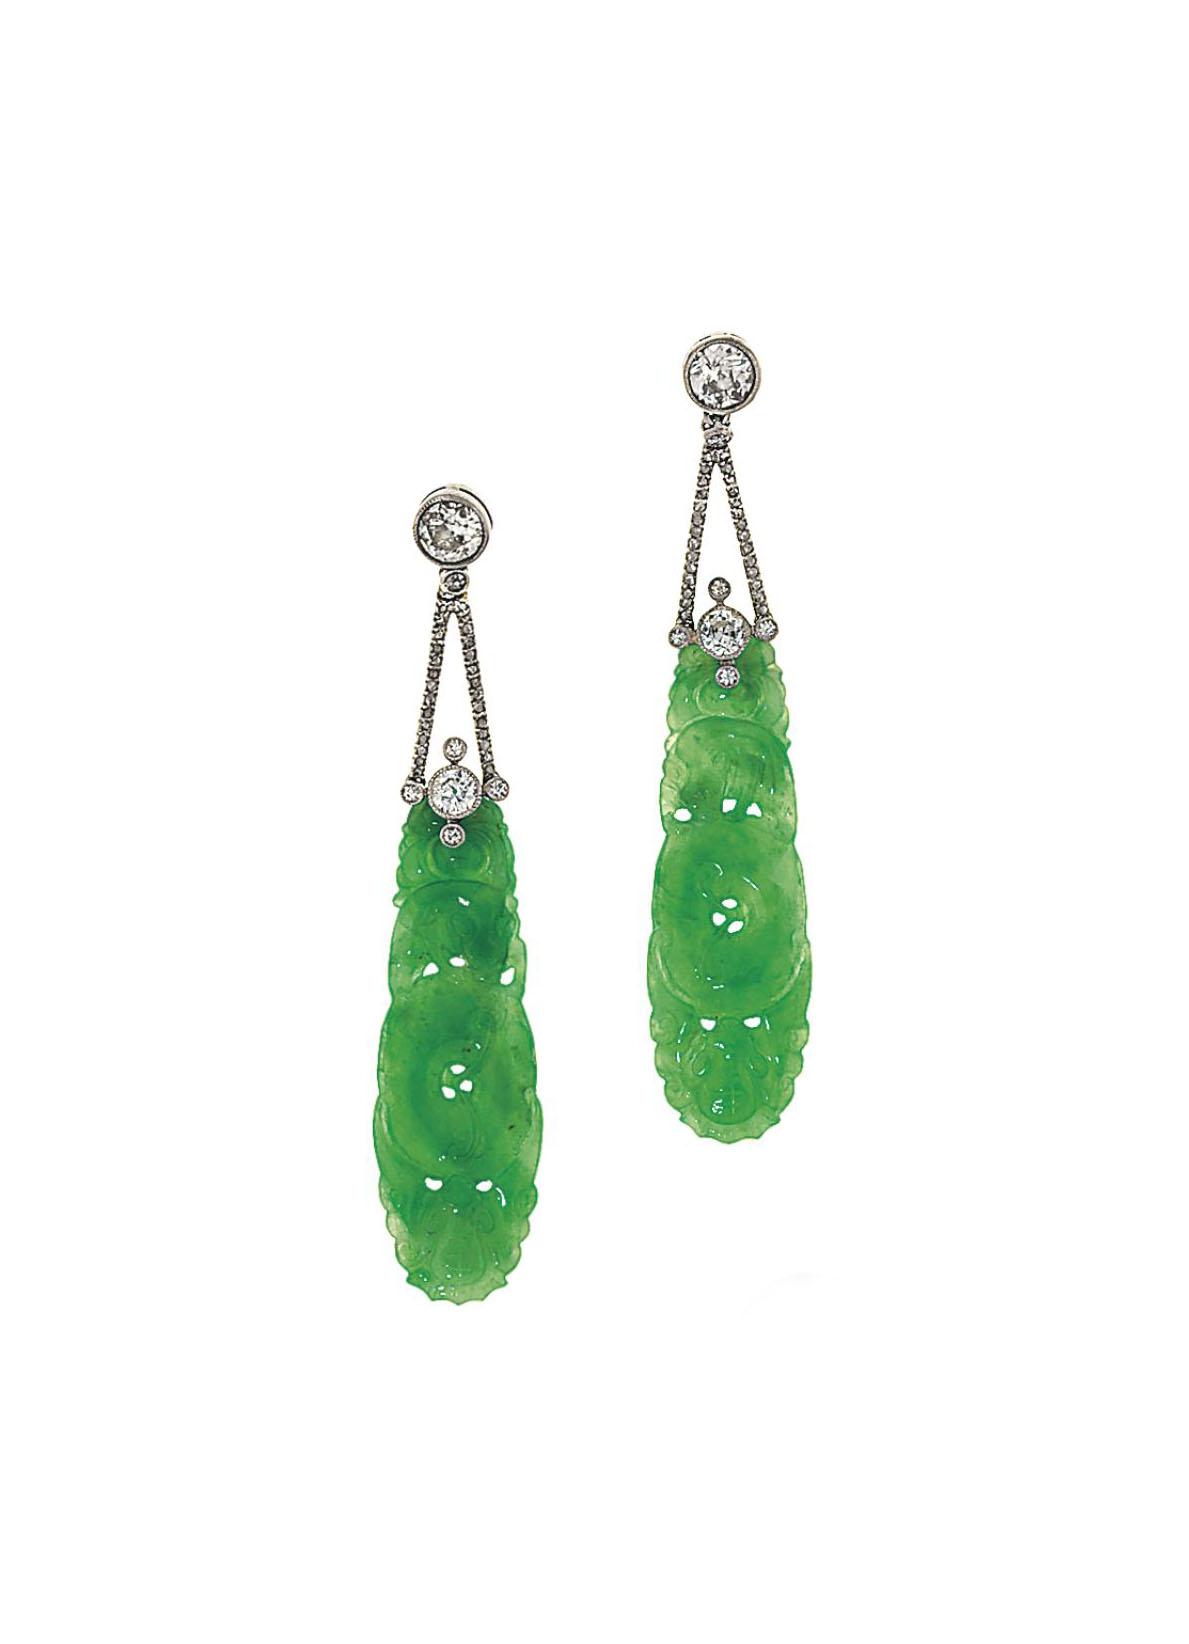 A pair of jadeite jade and dia